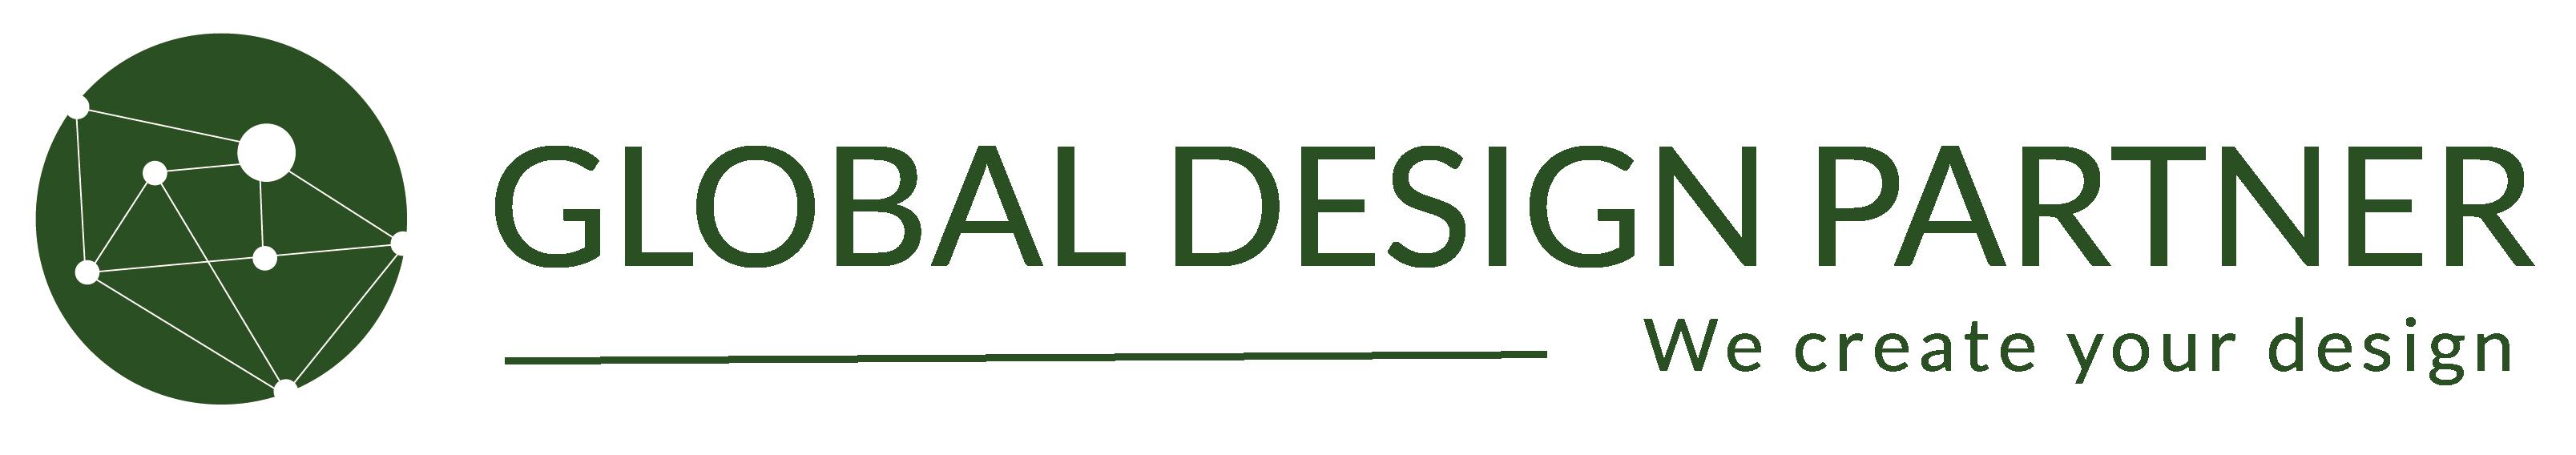 GLOBAL DESIGN PARTNER